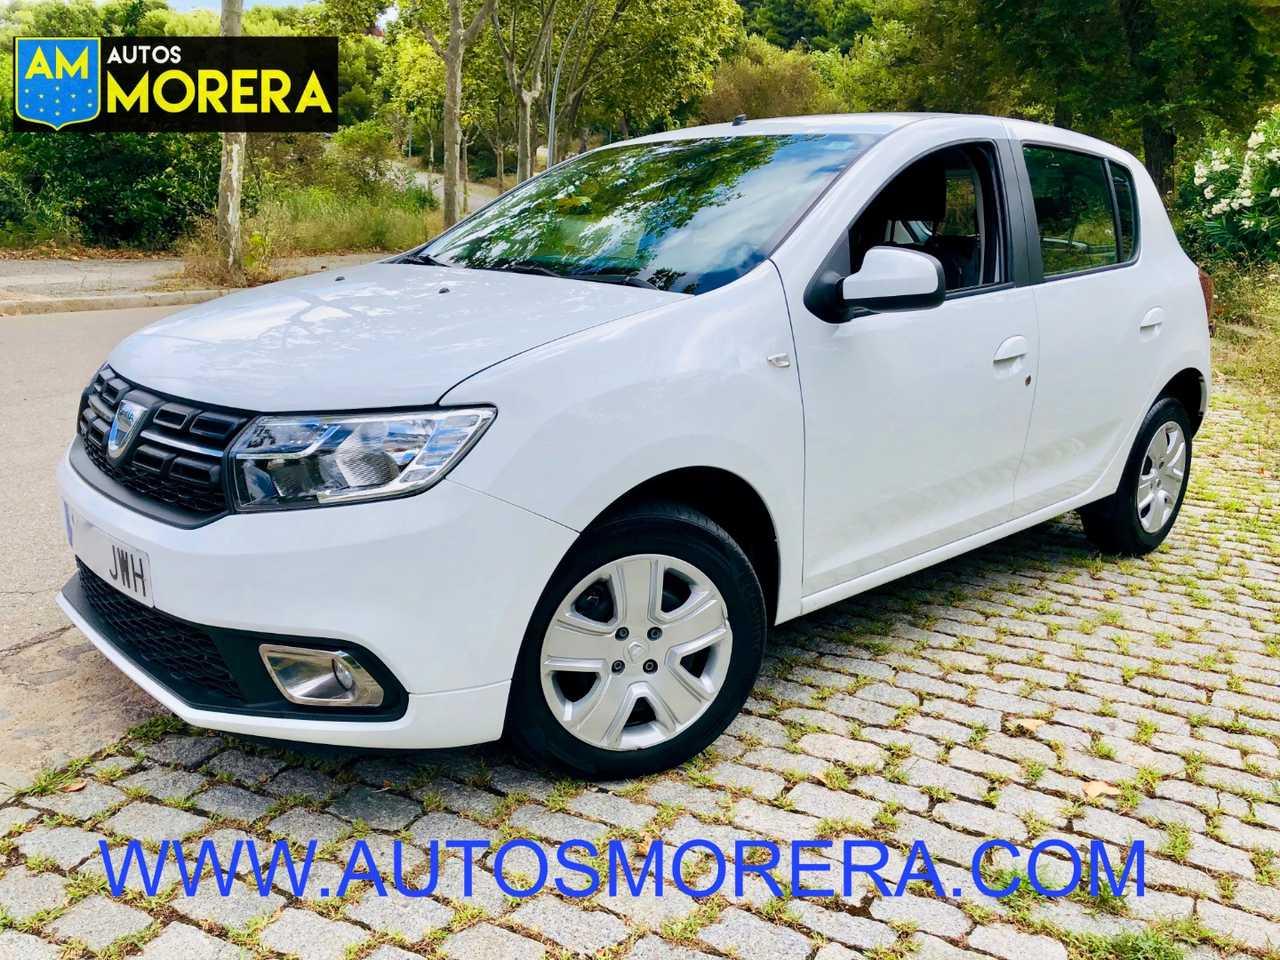 Dacia Sandero 1.5 Dci  75cv Laureate. IMPECABLE !!! Pocos km!!!   - Foto 1